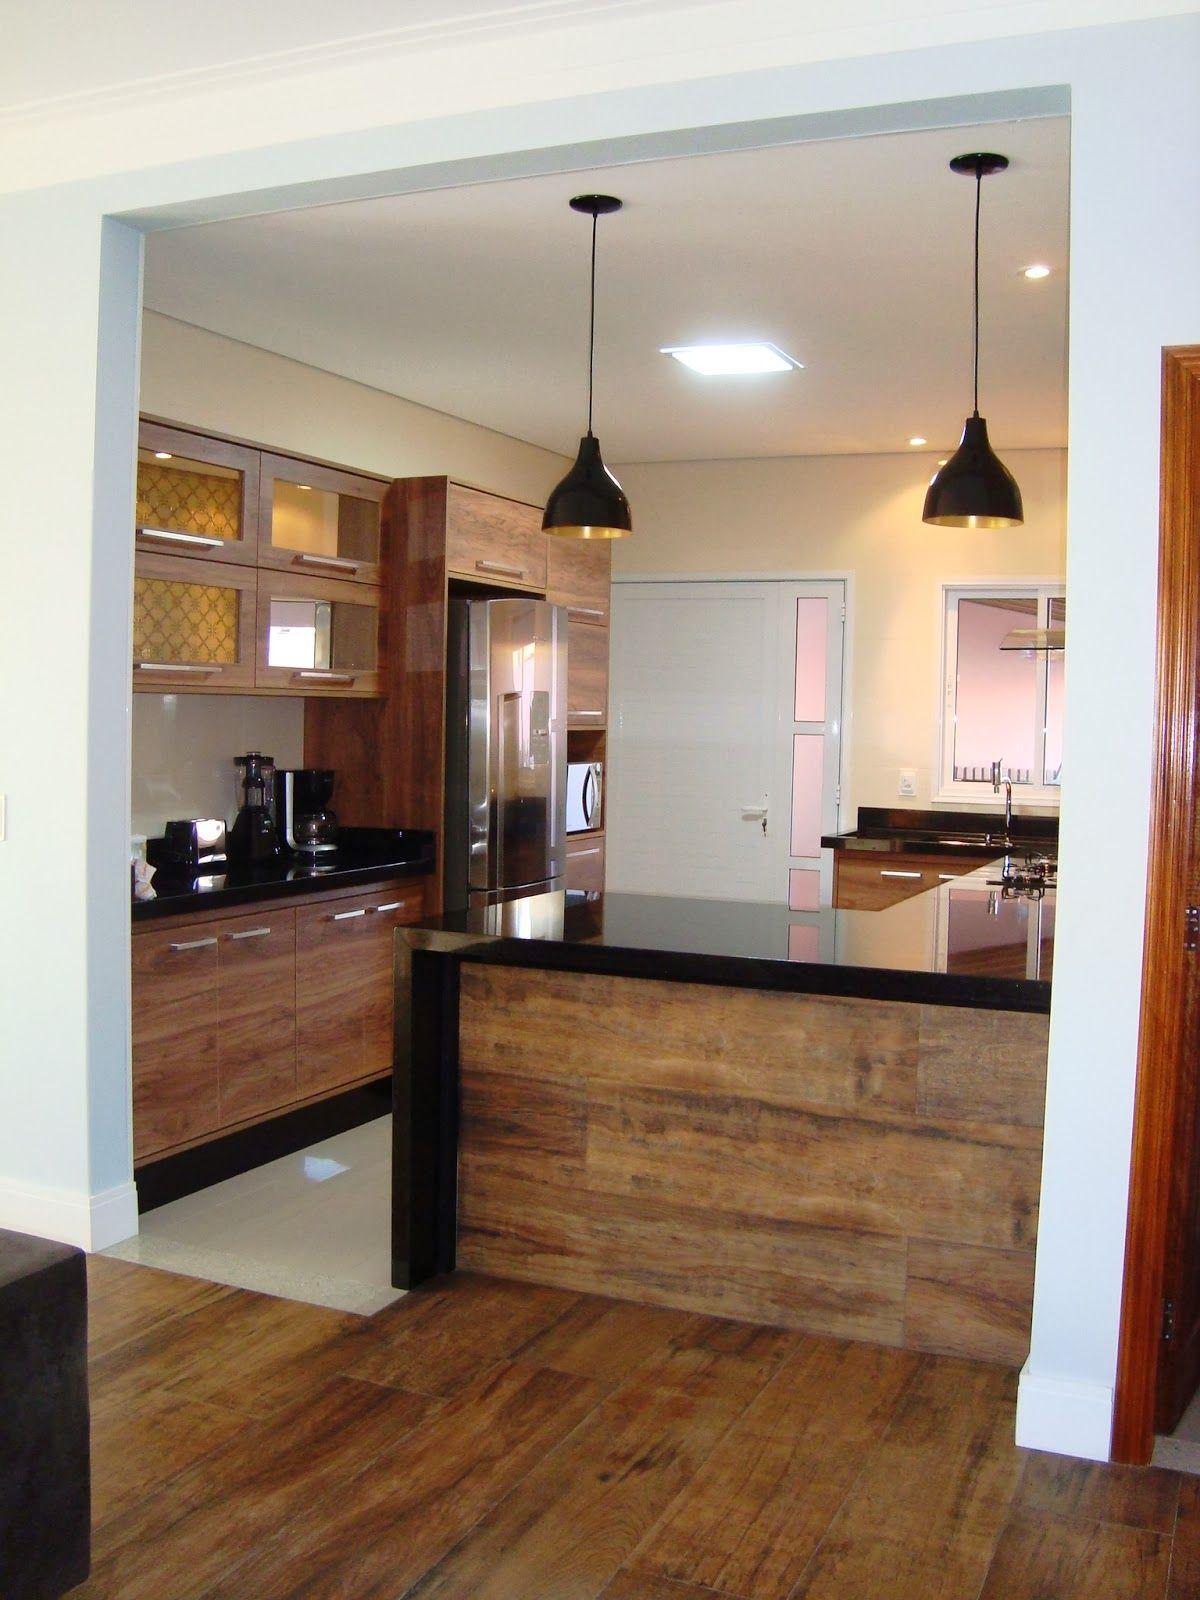 cozinha pequena  Cozinha minimalista, Cozinhas, Cozinhas modernas